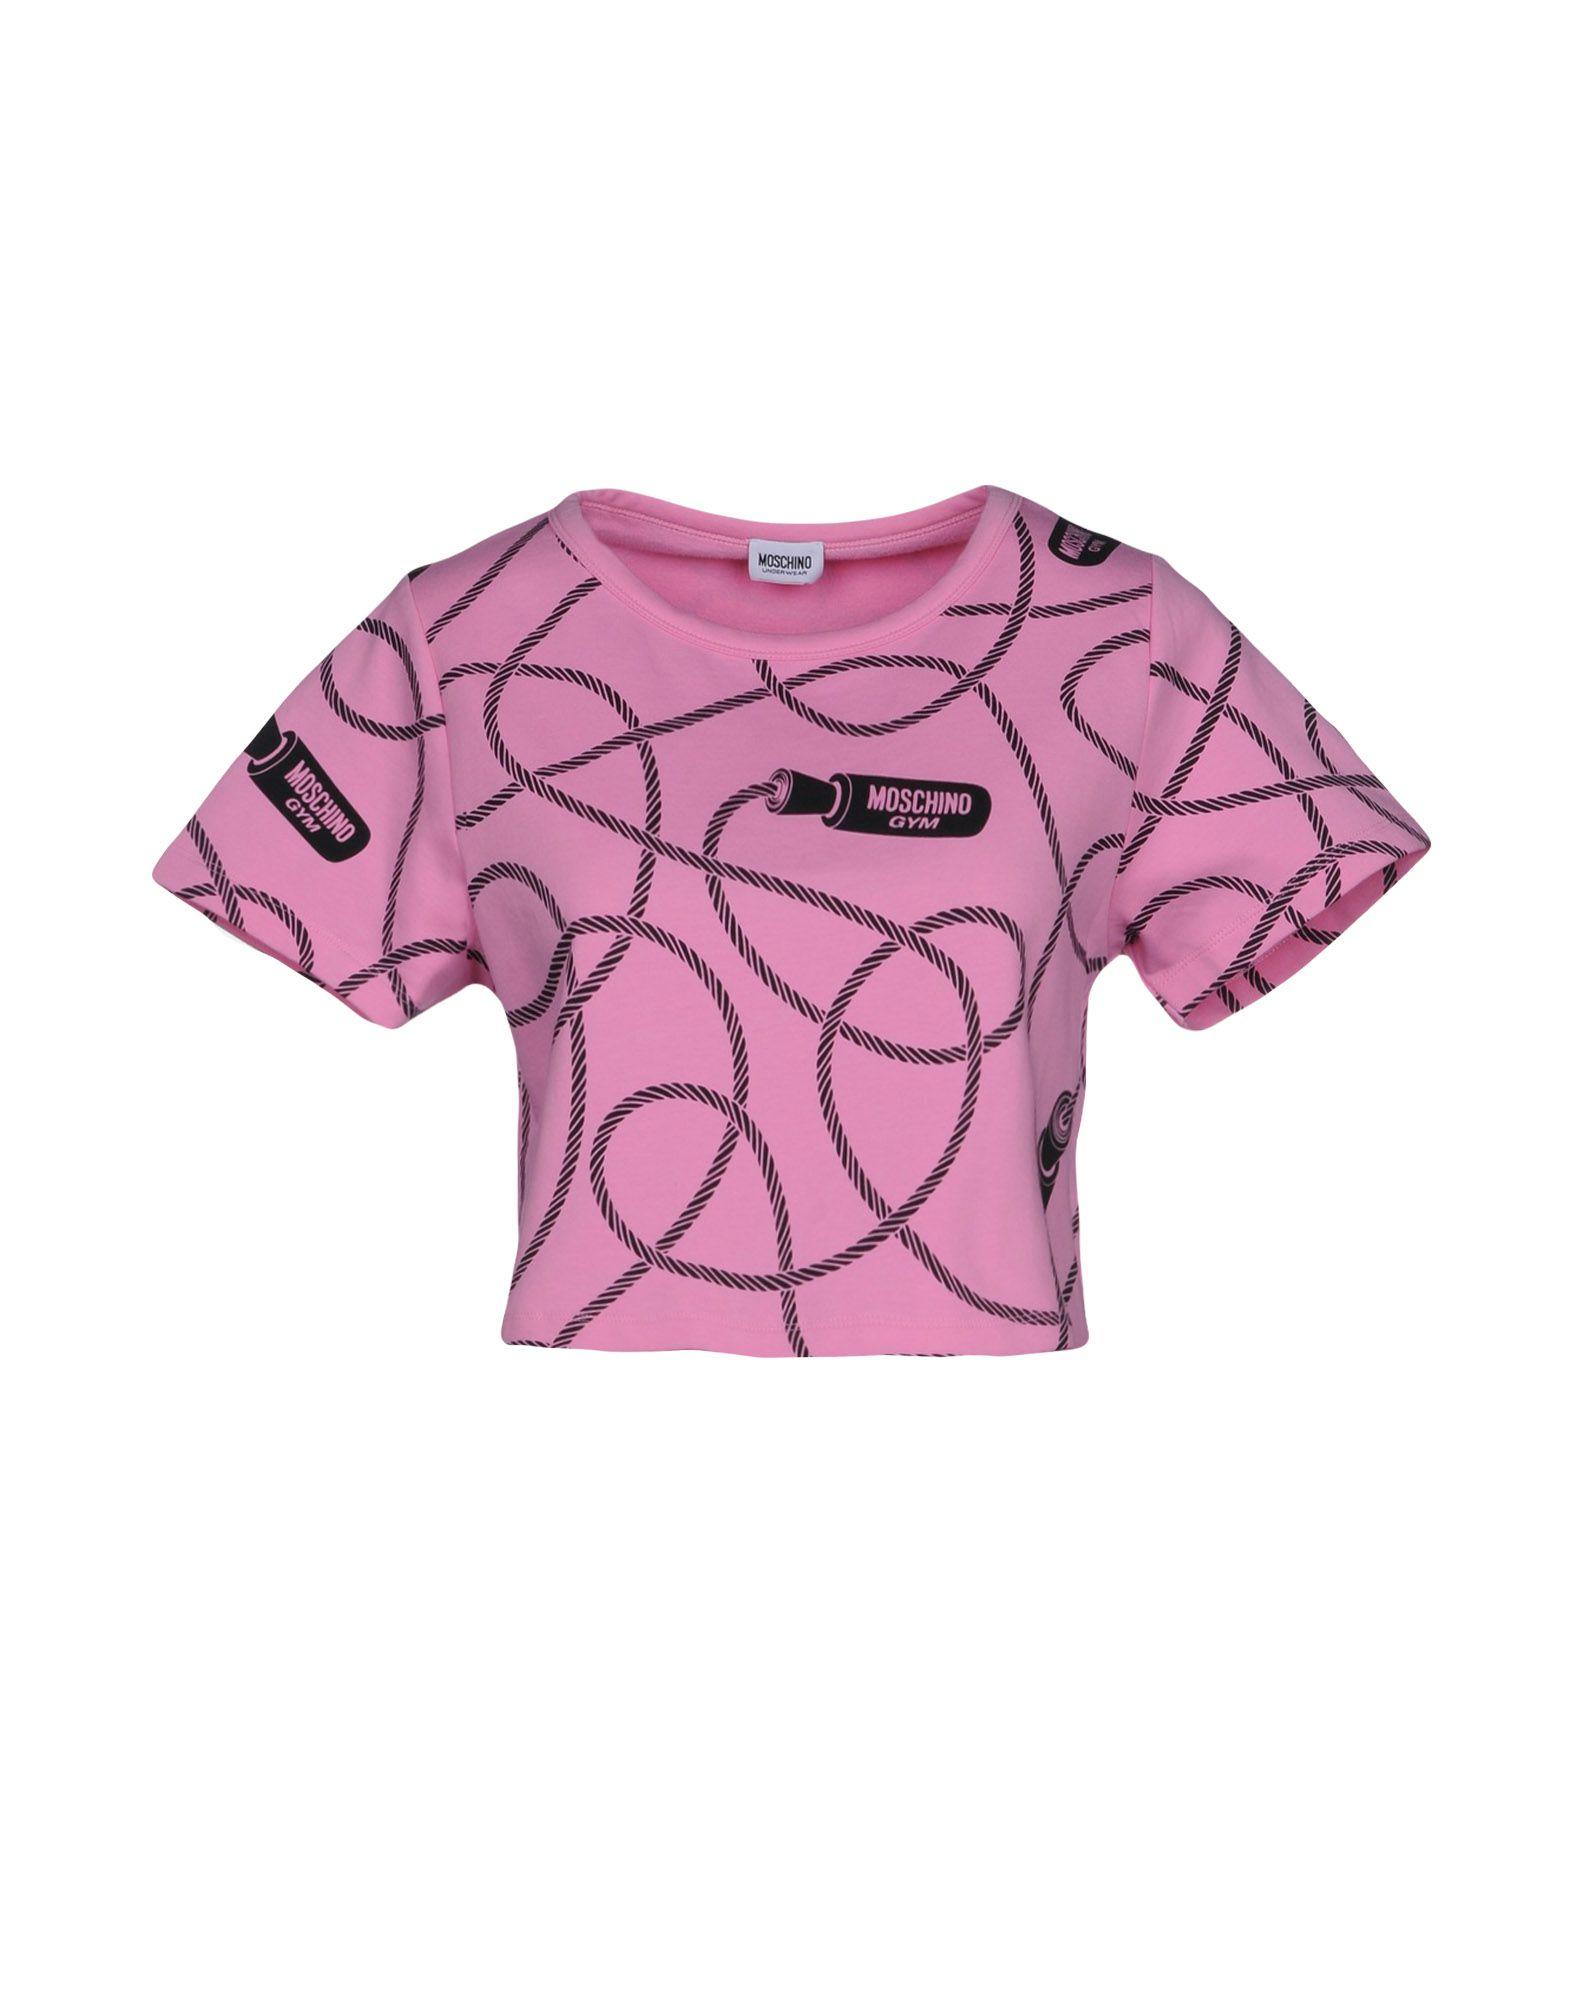 MOSCHINO UNDERWEAR Undershirt in Pink